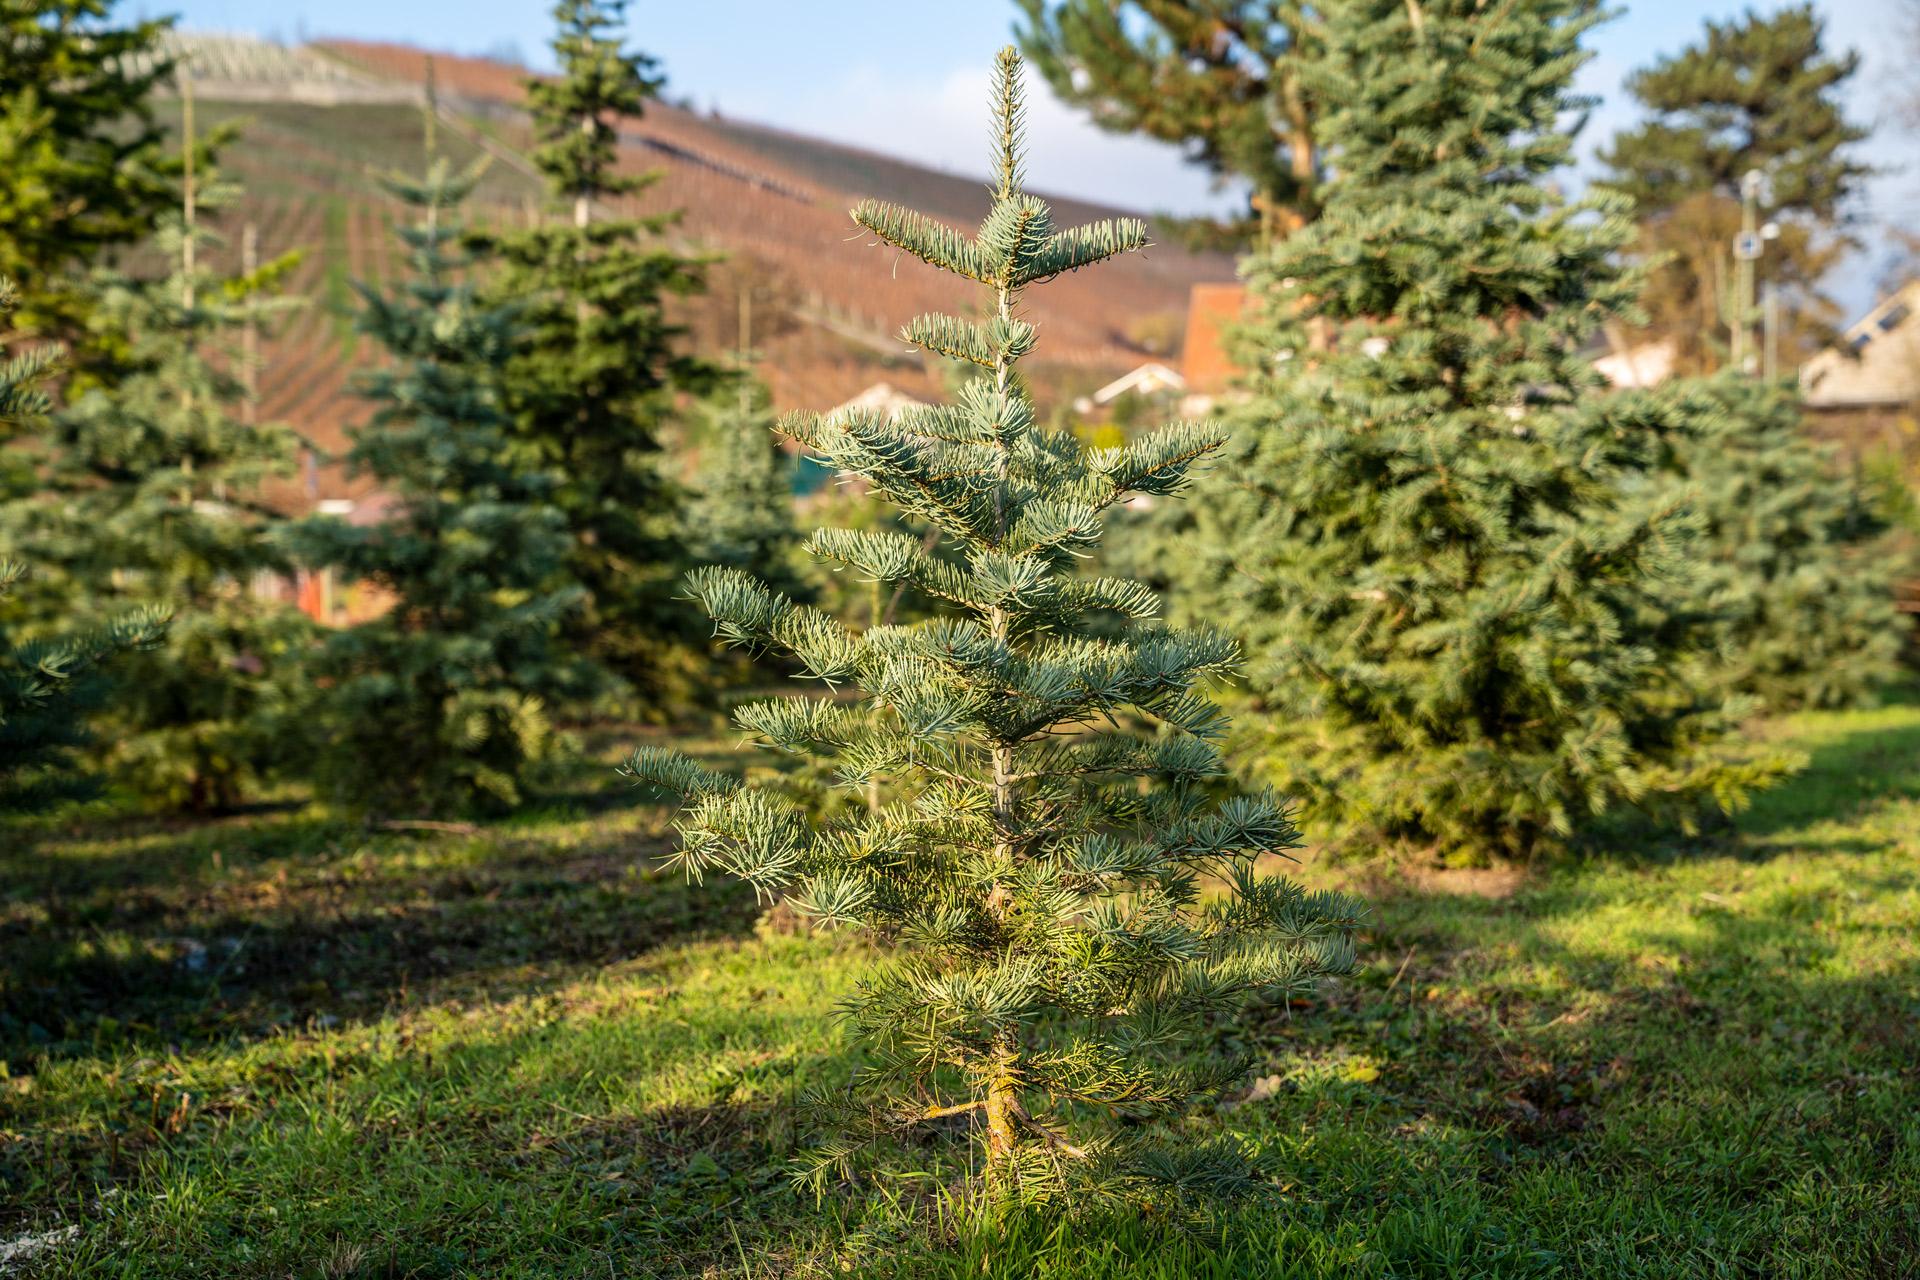 Kleiner Weihnachtsbaum in der Baumschule: aus regionalem Anbau